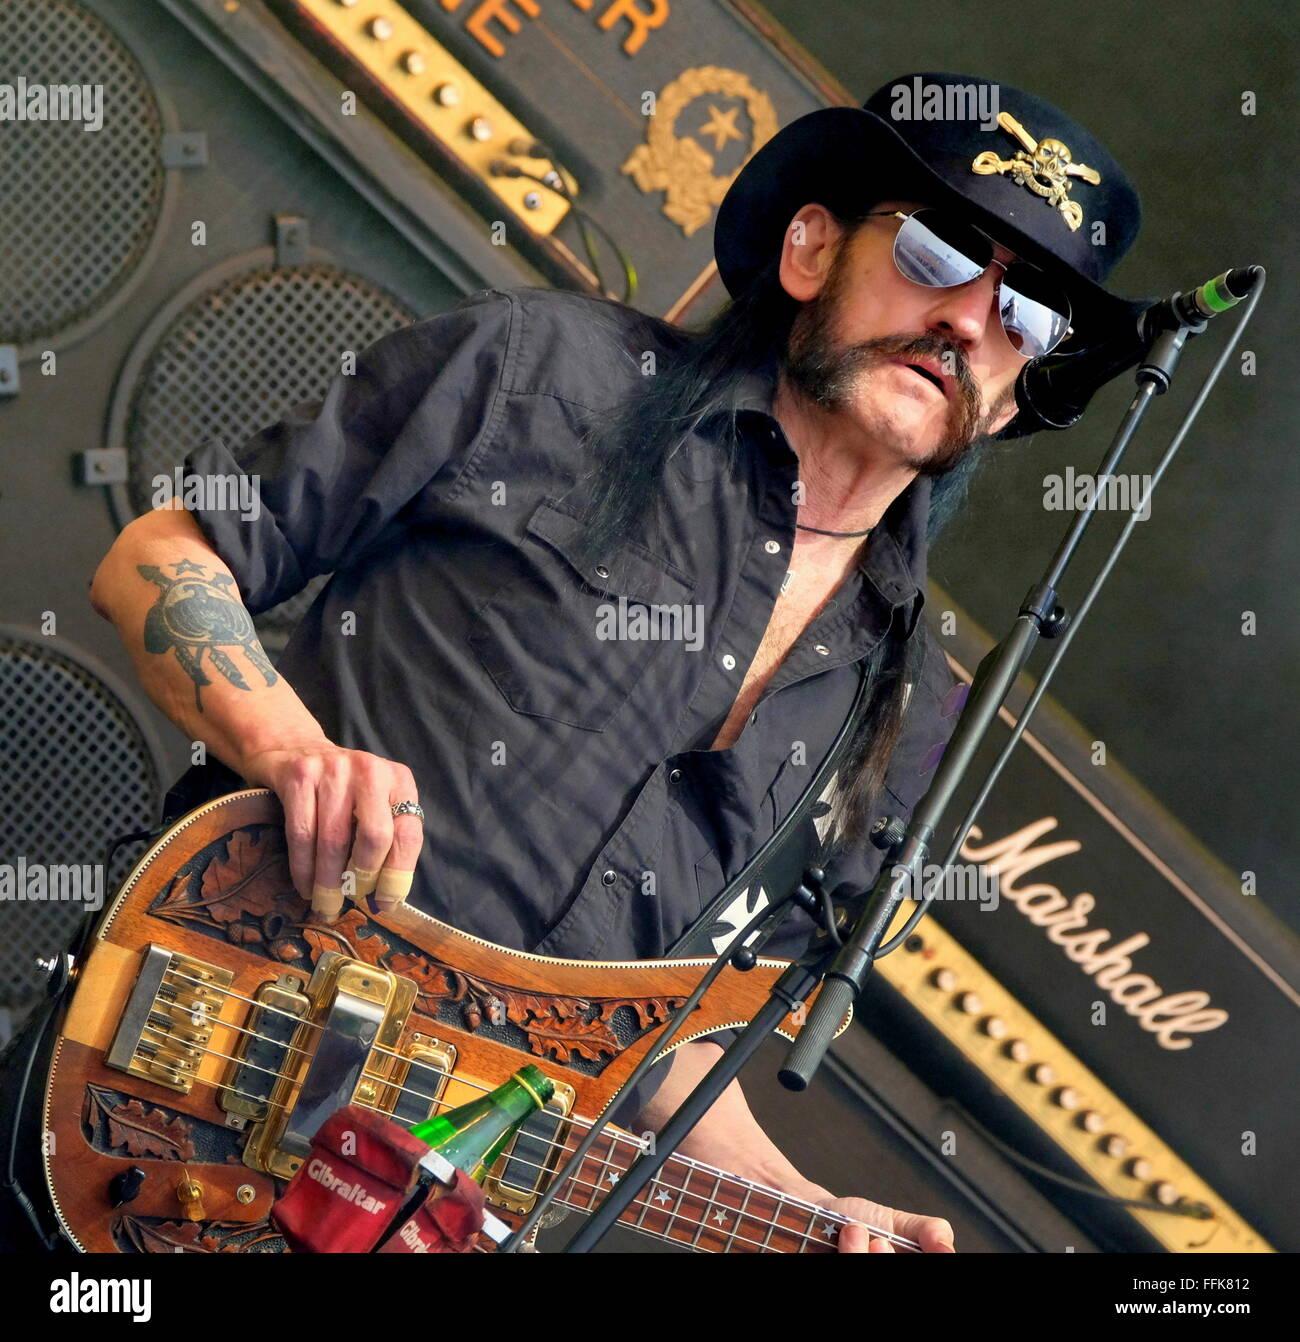 Festival di Glastonbury, Somerset, 26 giugno 2015, Ian Lemmy Kilmister performing live con Motorhead sulla fase Immagini Stock